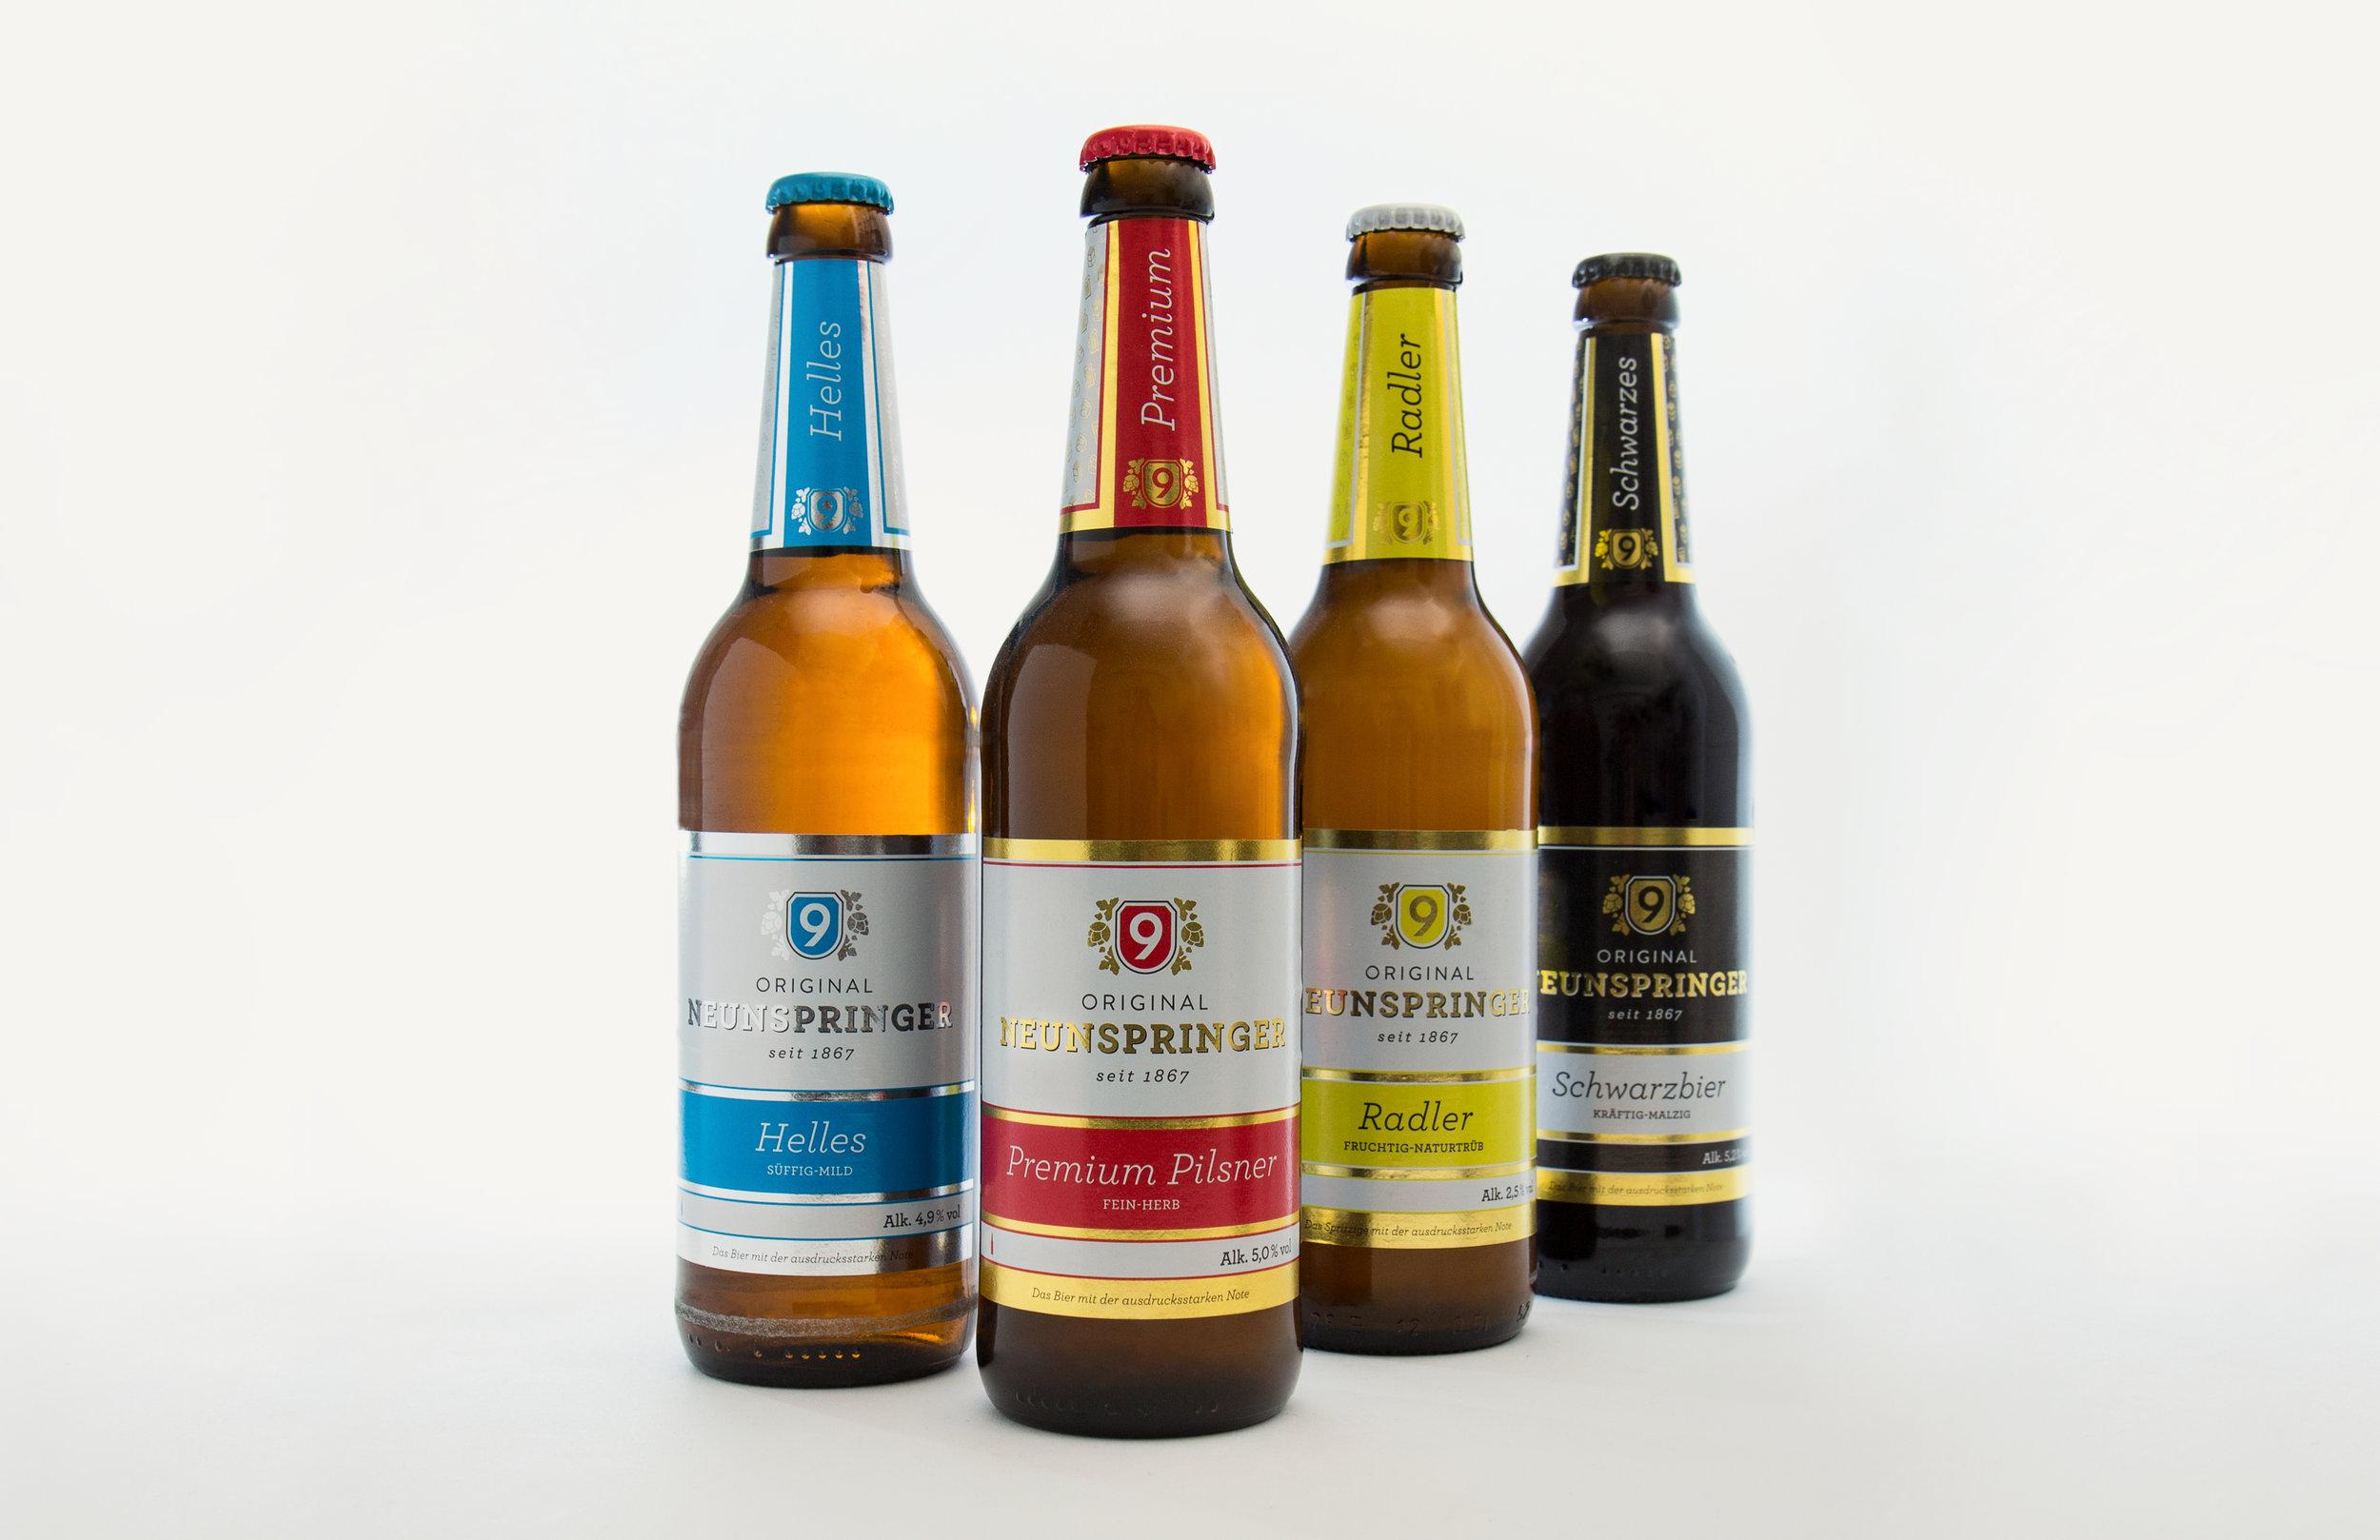 Die Produktpalette und Etiketten, die wir gestaltet haben für die Brauerei Neunspringe.